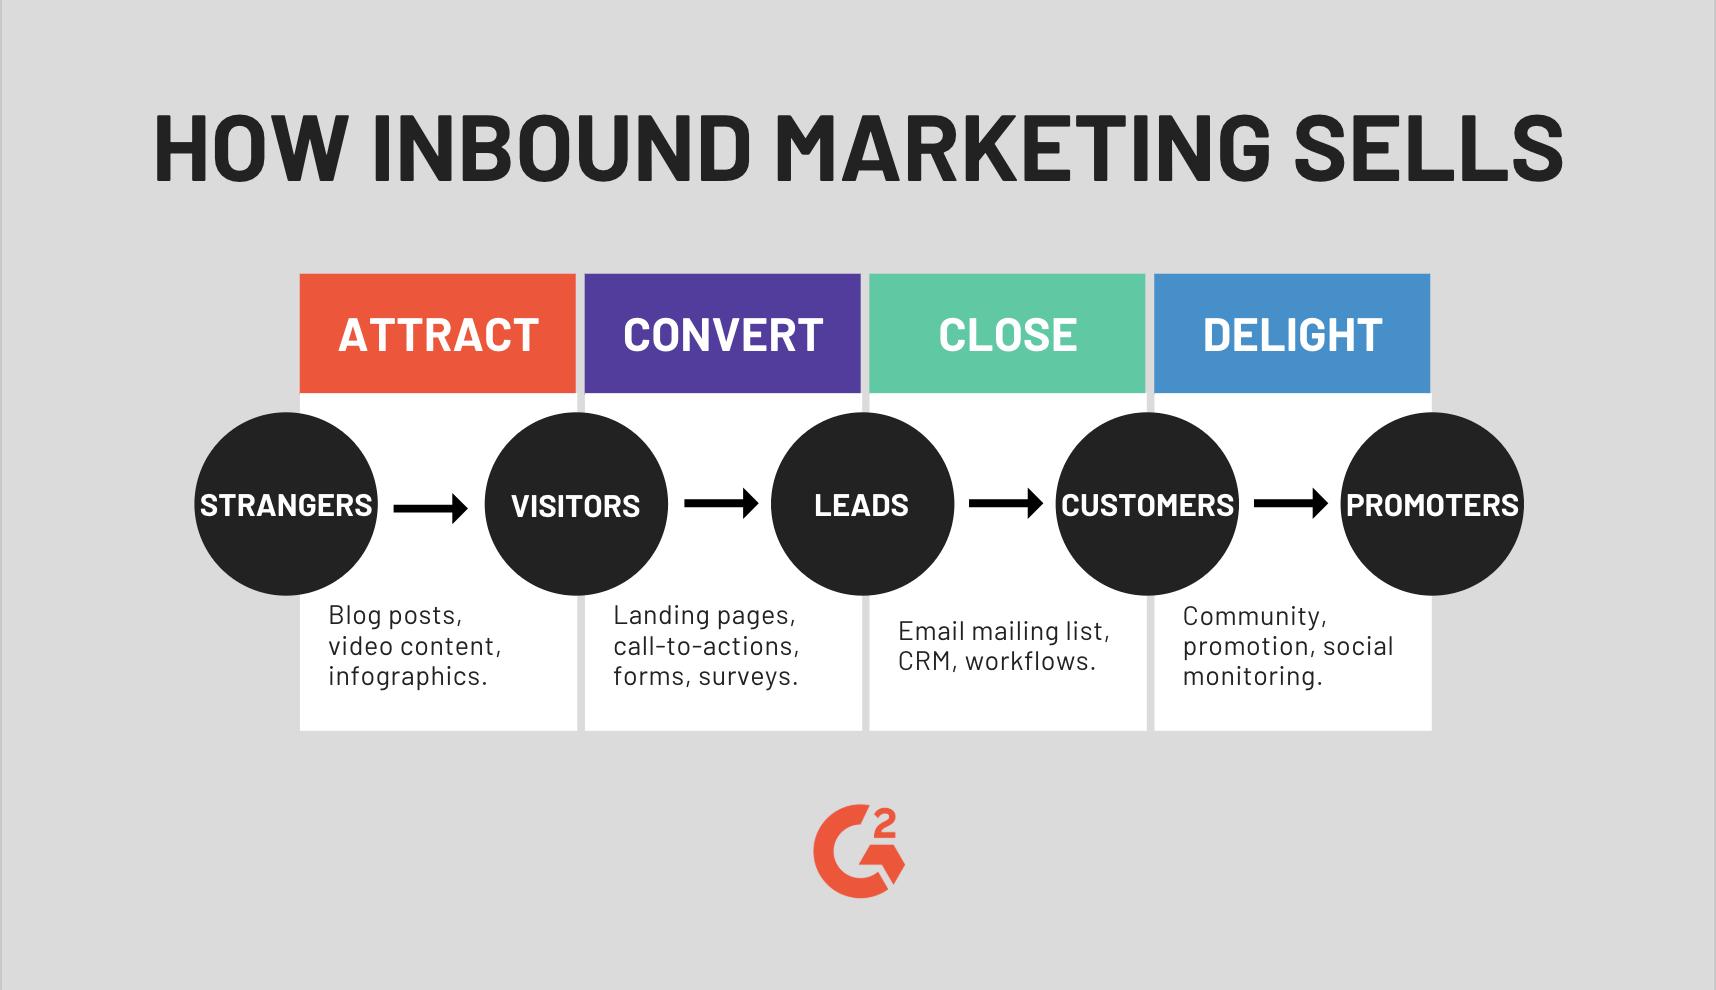 how inbound marketing sells